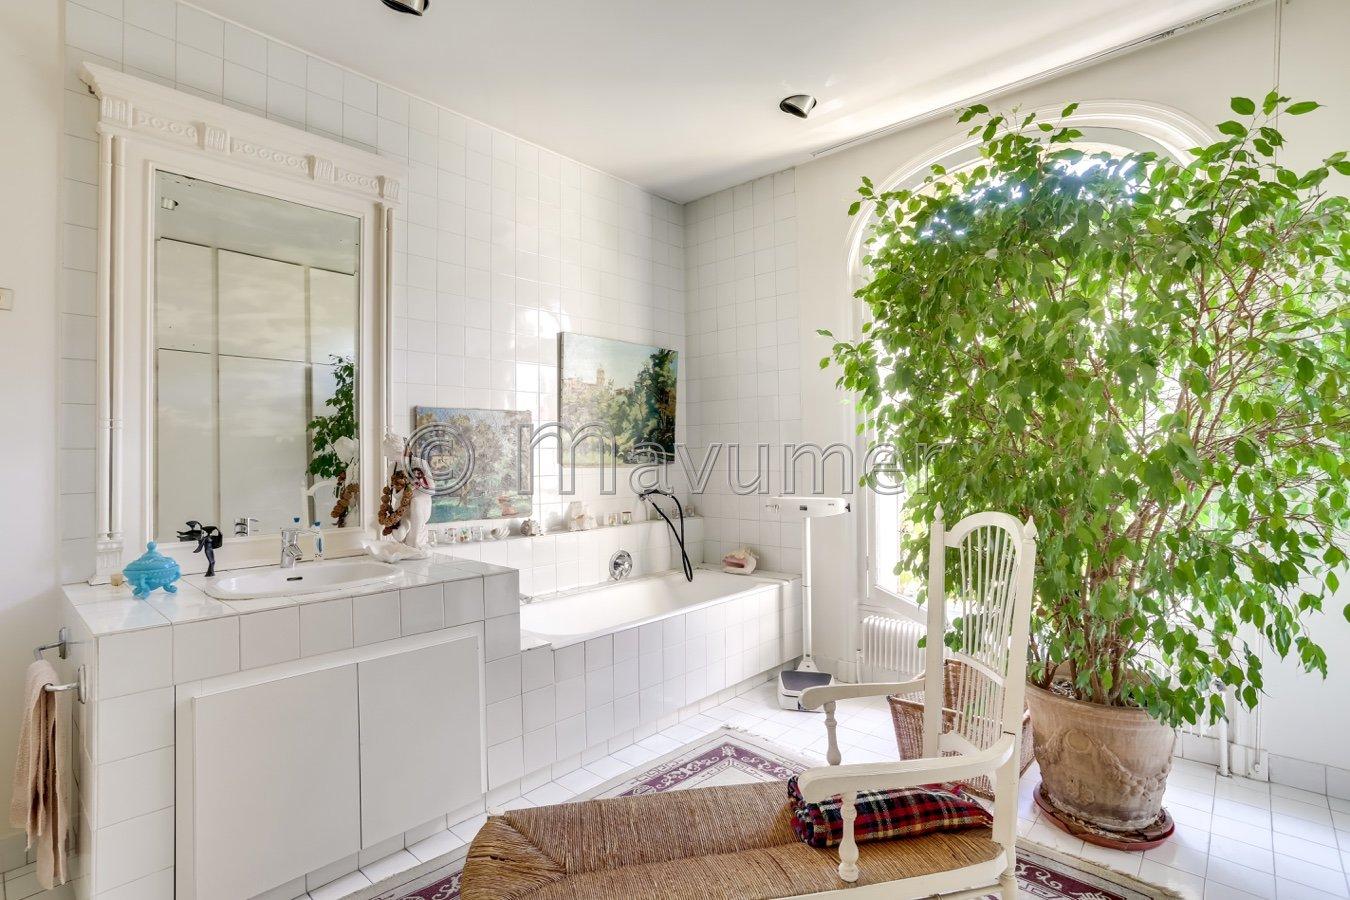 Maison T9  Périer - Monticelli 13008 Marseille